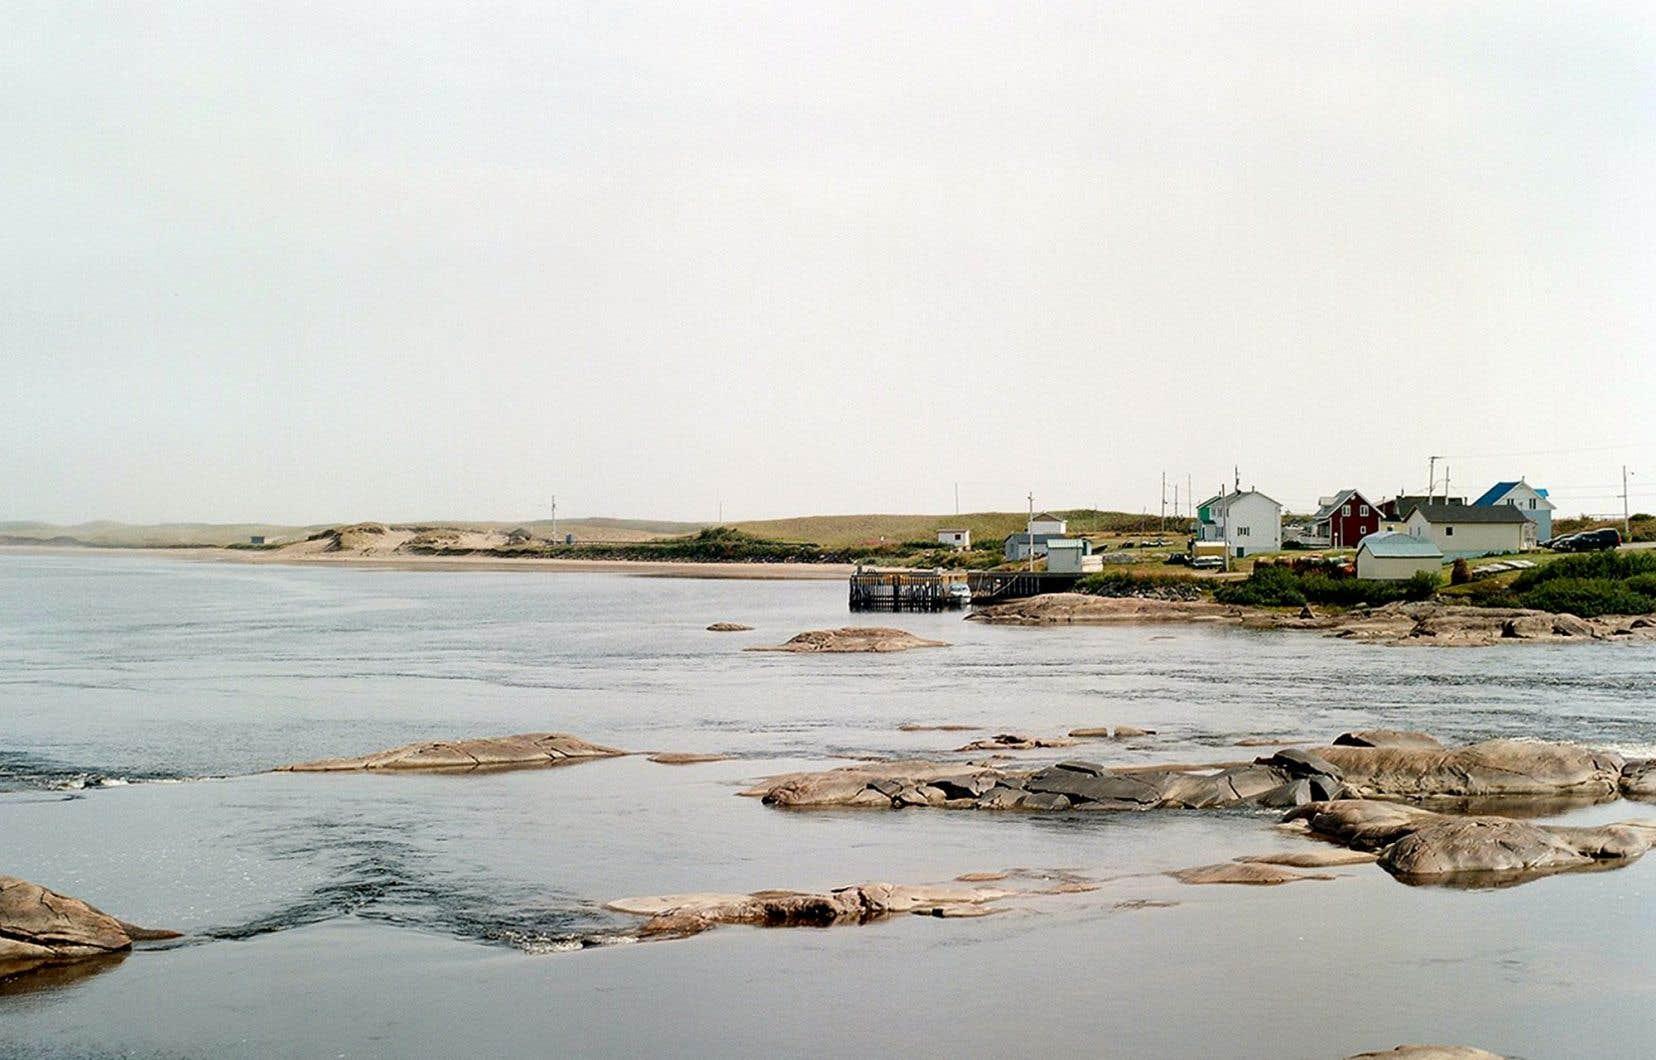 Aguanish, petit village situé entre Natashquan et Baie-Johan-Beetz. La station-service fait office de dépanneur et de petite épicerie.